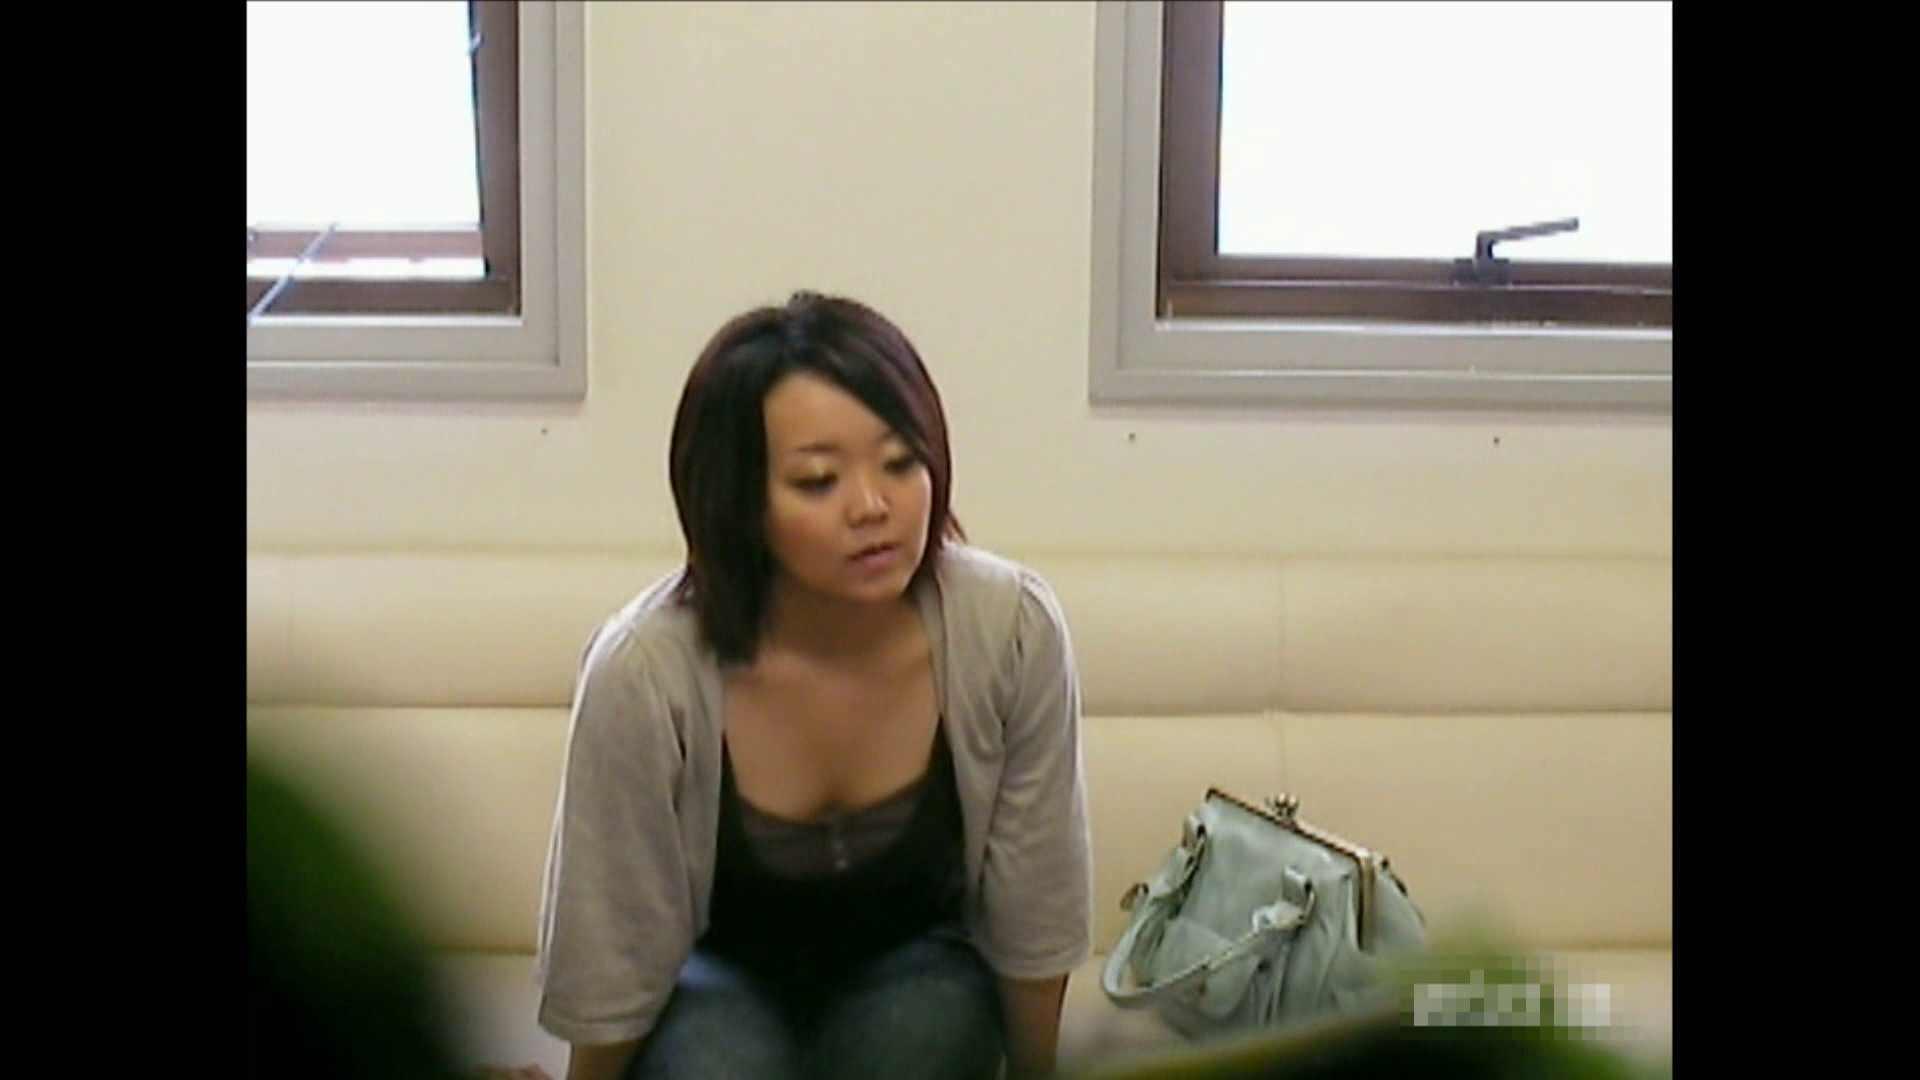 素人撮影 下着だけの撮影のはずが・・・地方から来た女の子 美人 ぱこり動画紹介 80連発 19